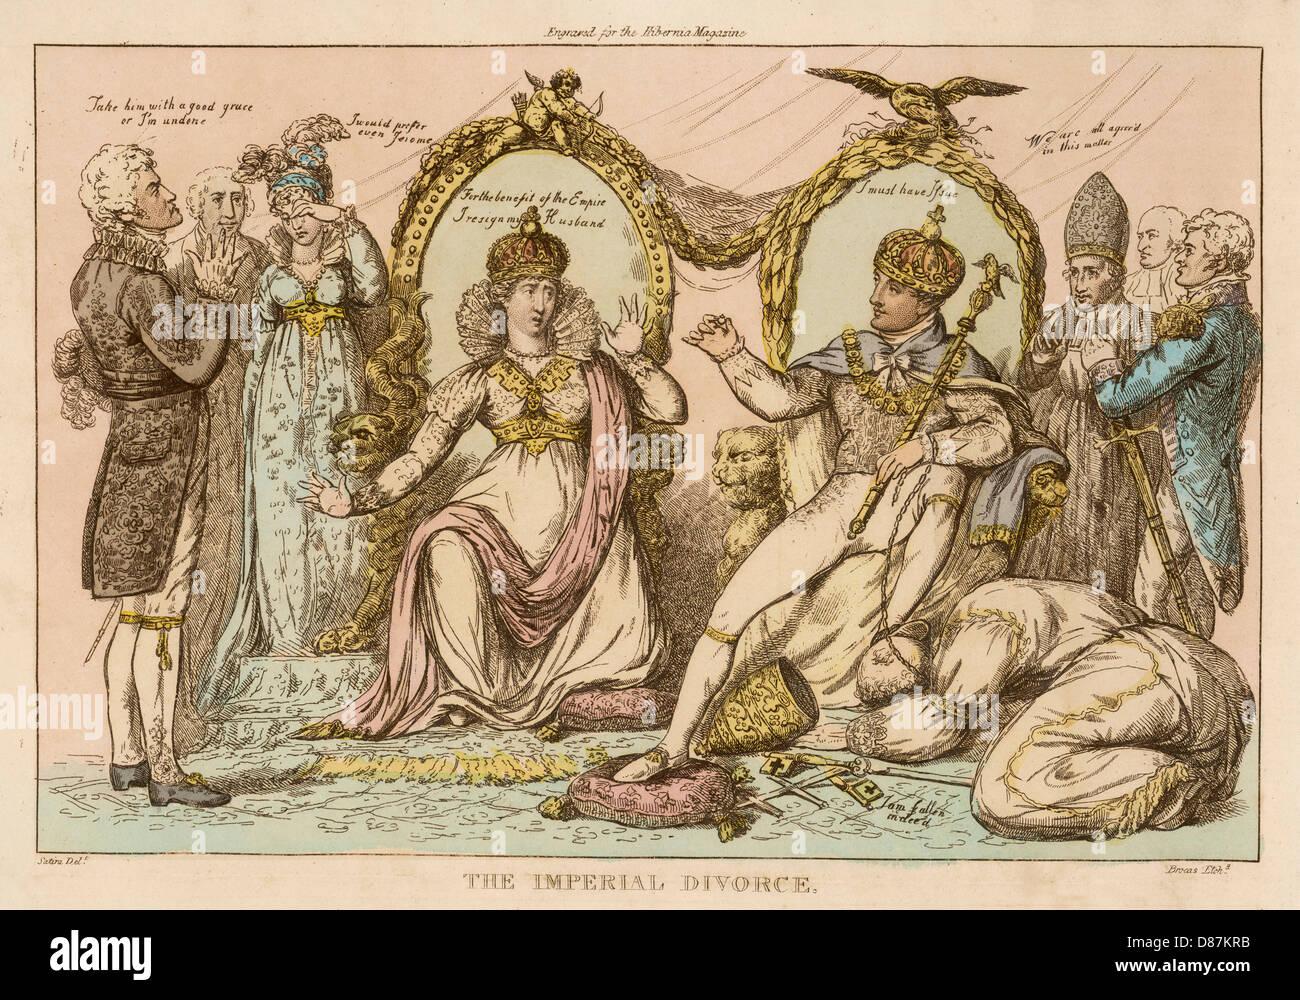 Nap Divorces Josephine - Stock Image